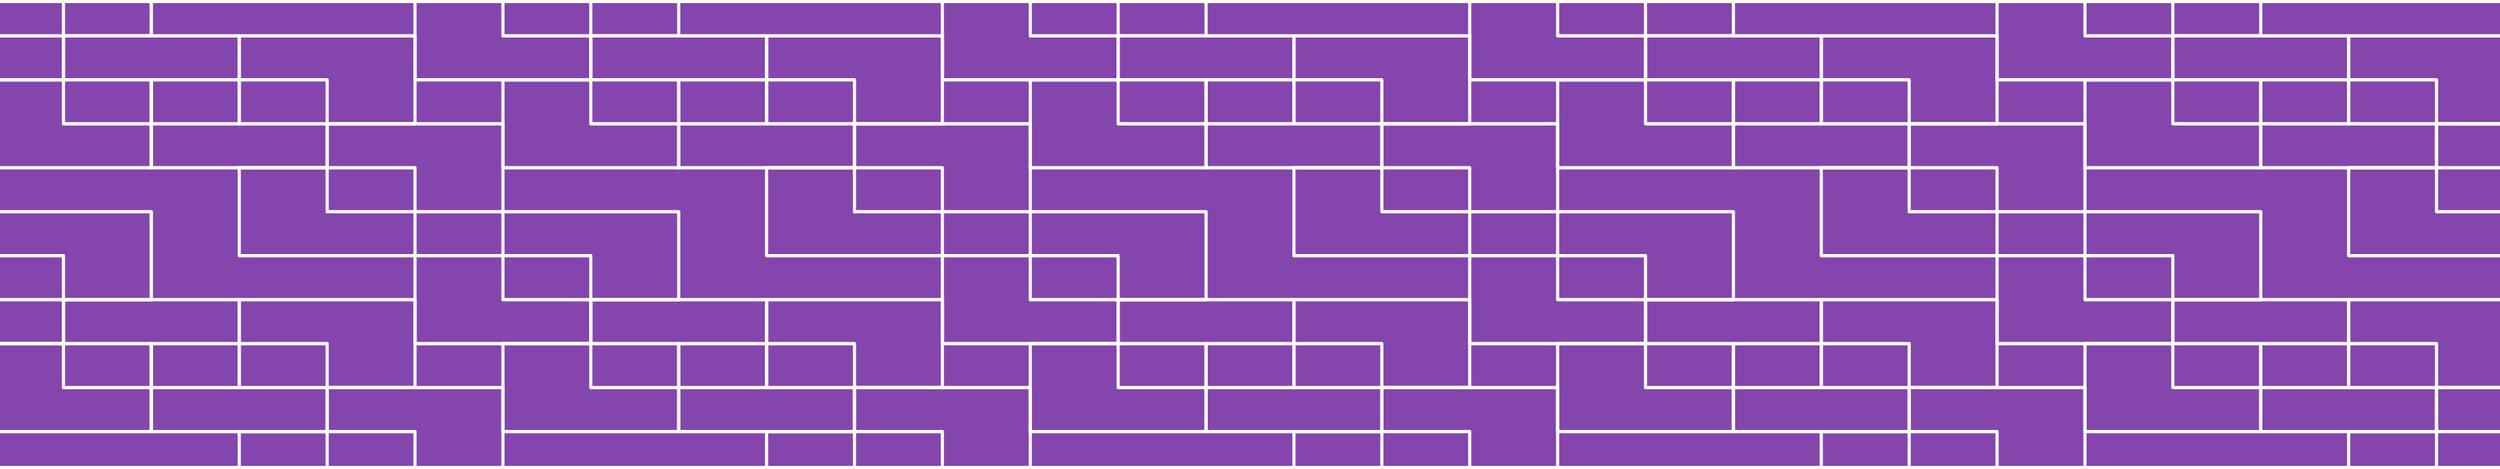 coa-pattern_05 copy@2x.jpg